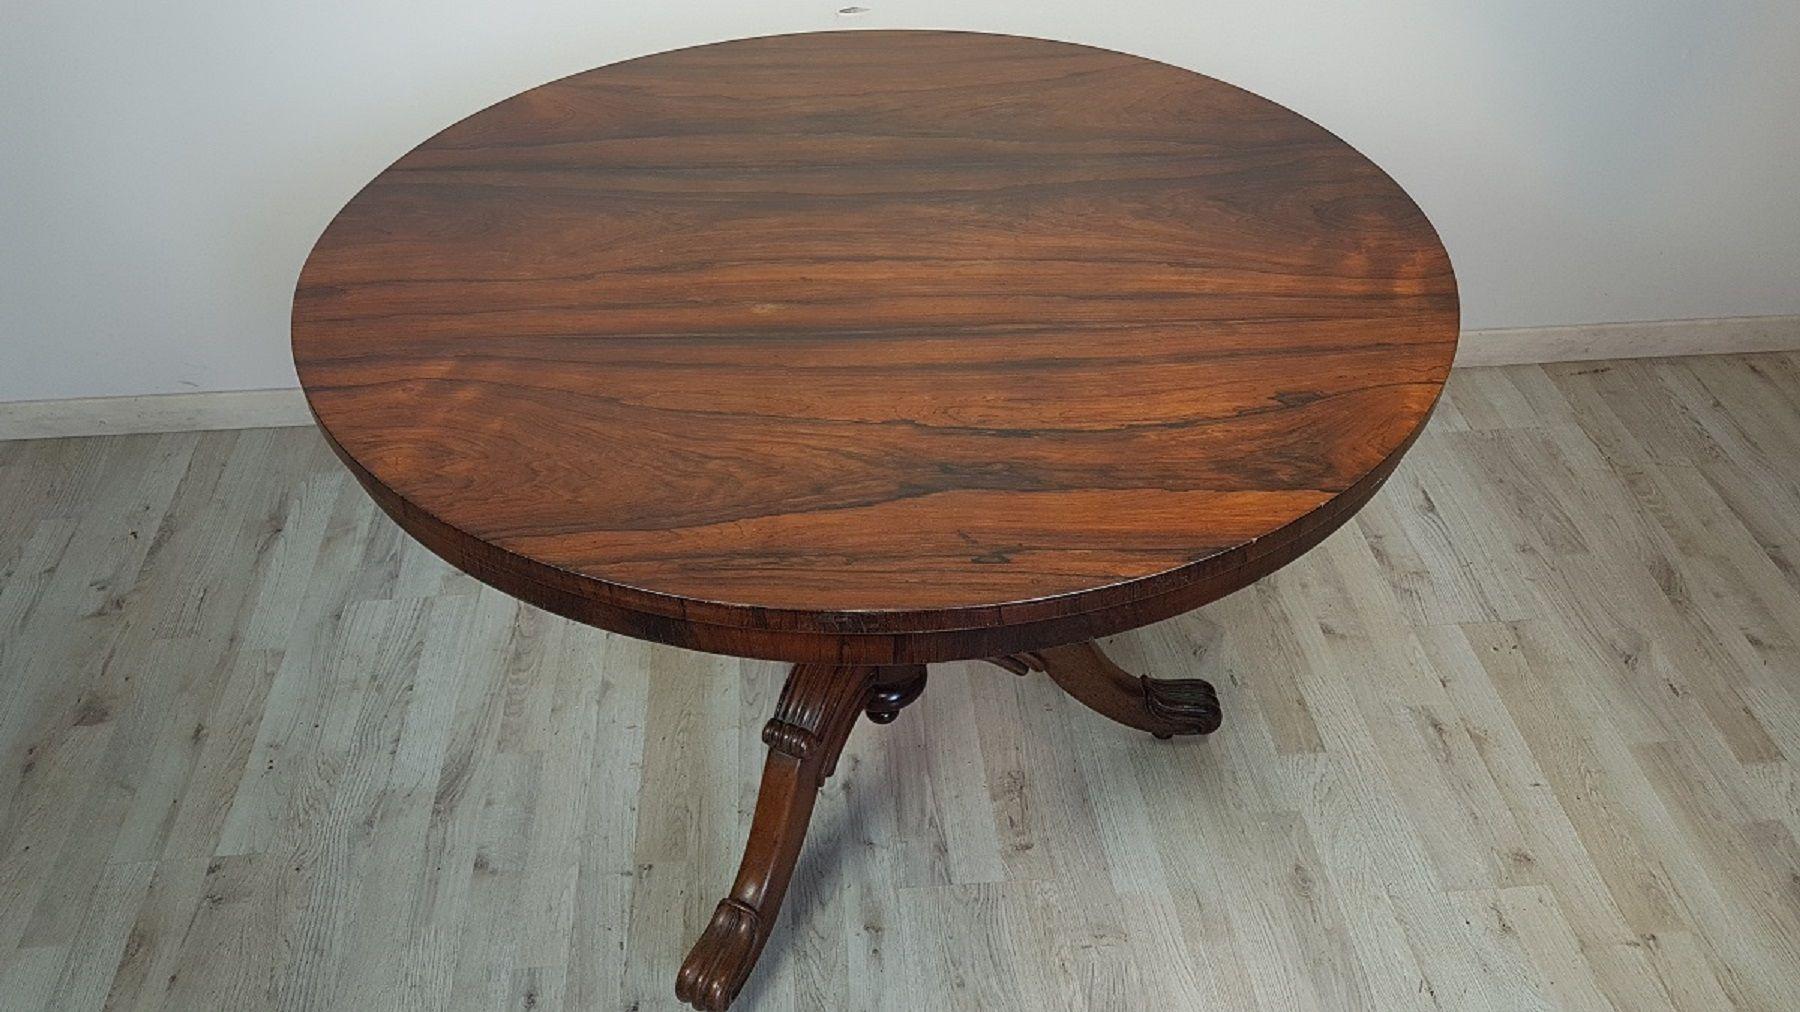 Tavolo rotondo antico in mogano in vendita su Pamono